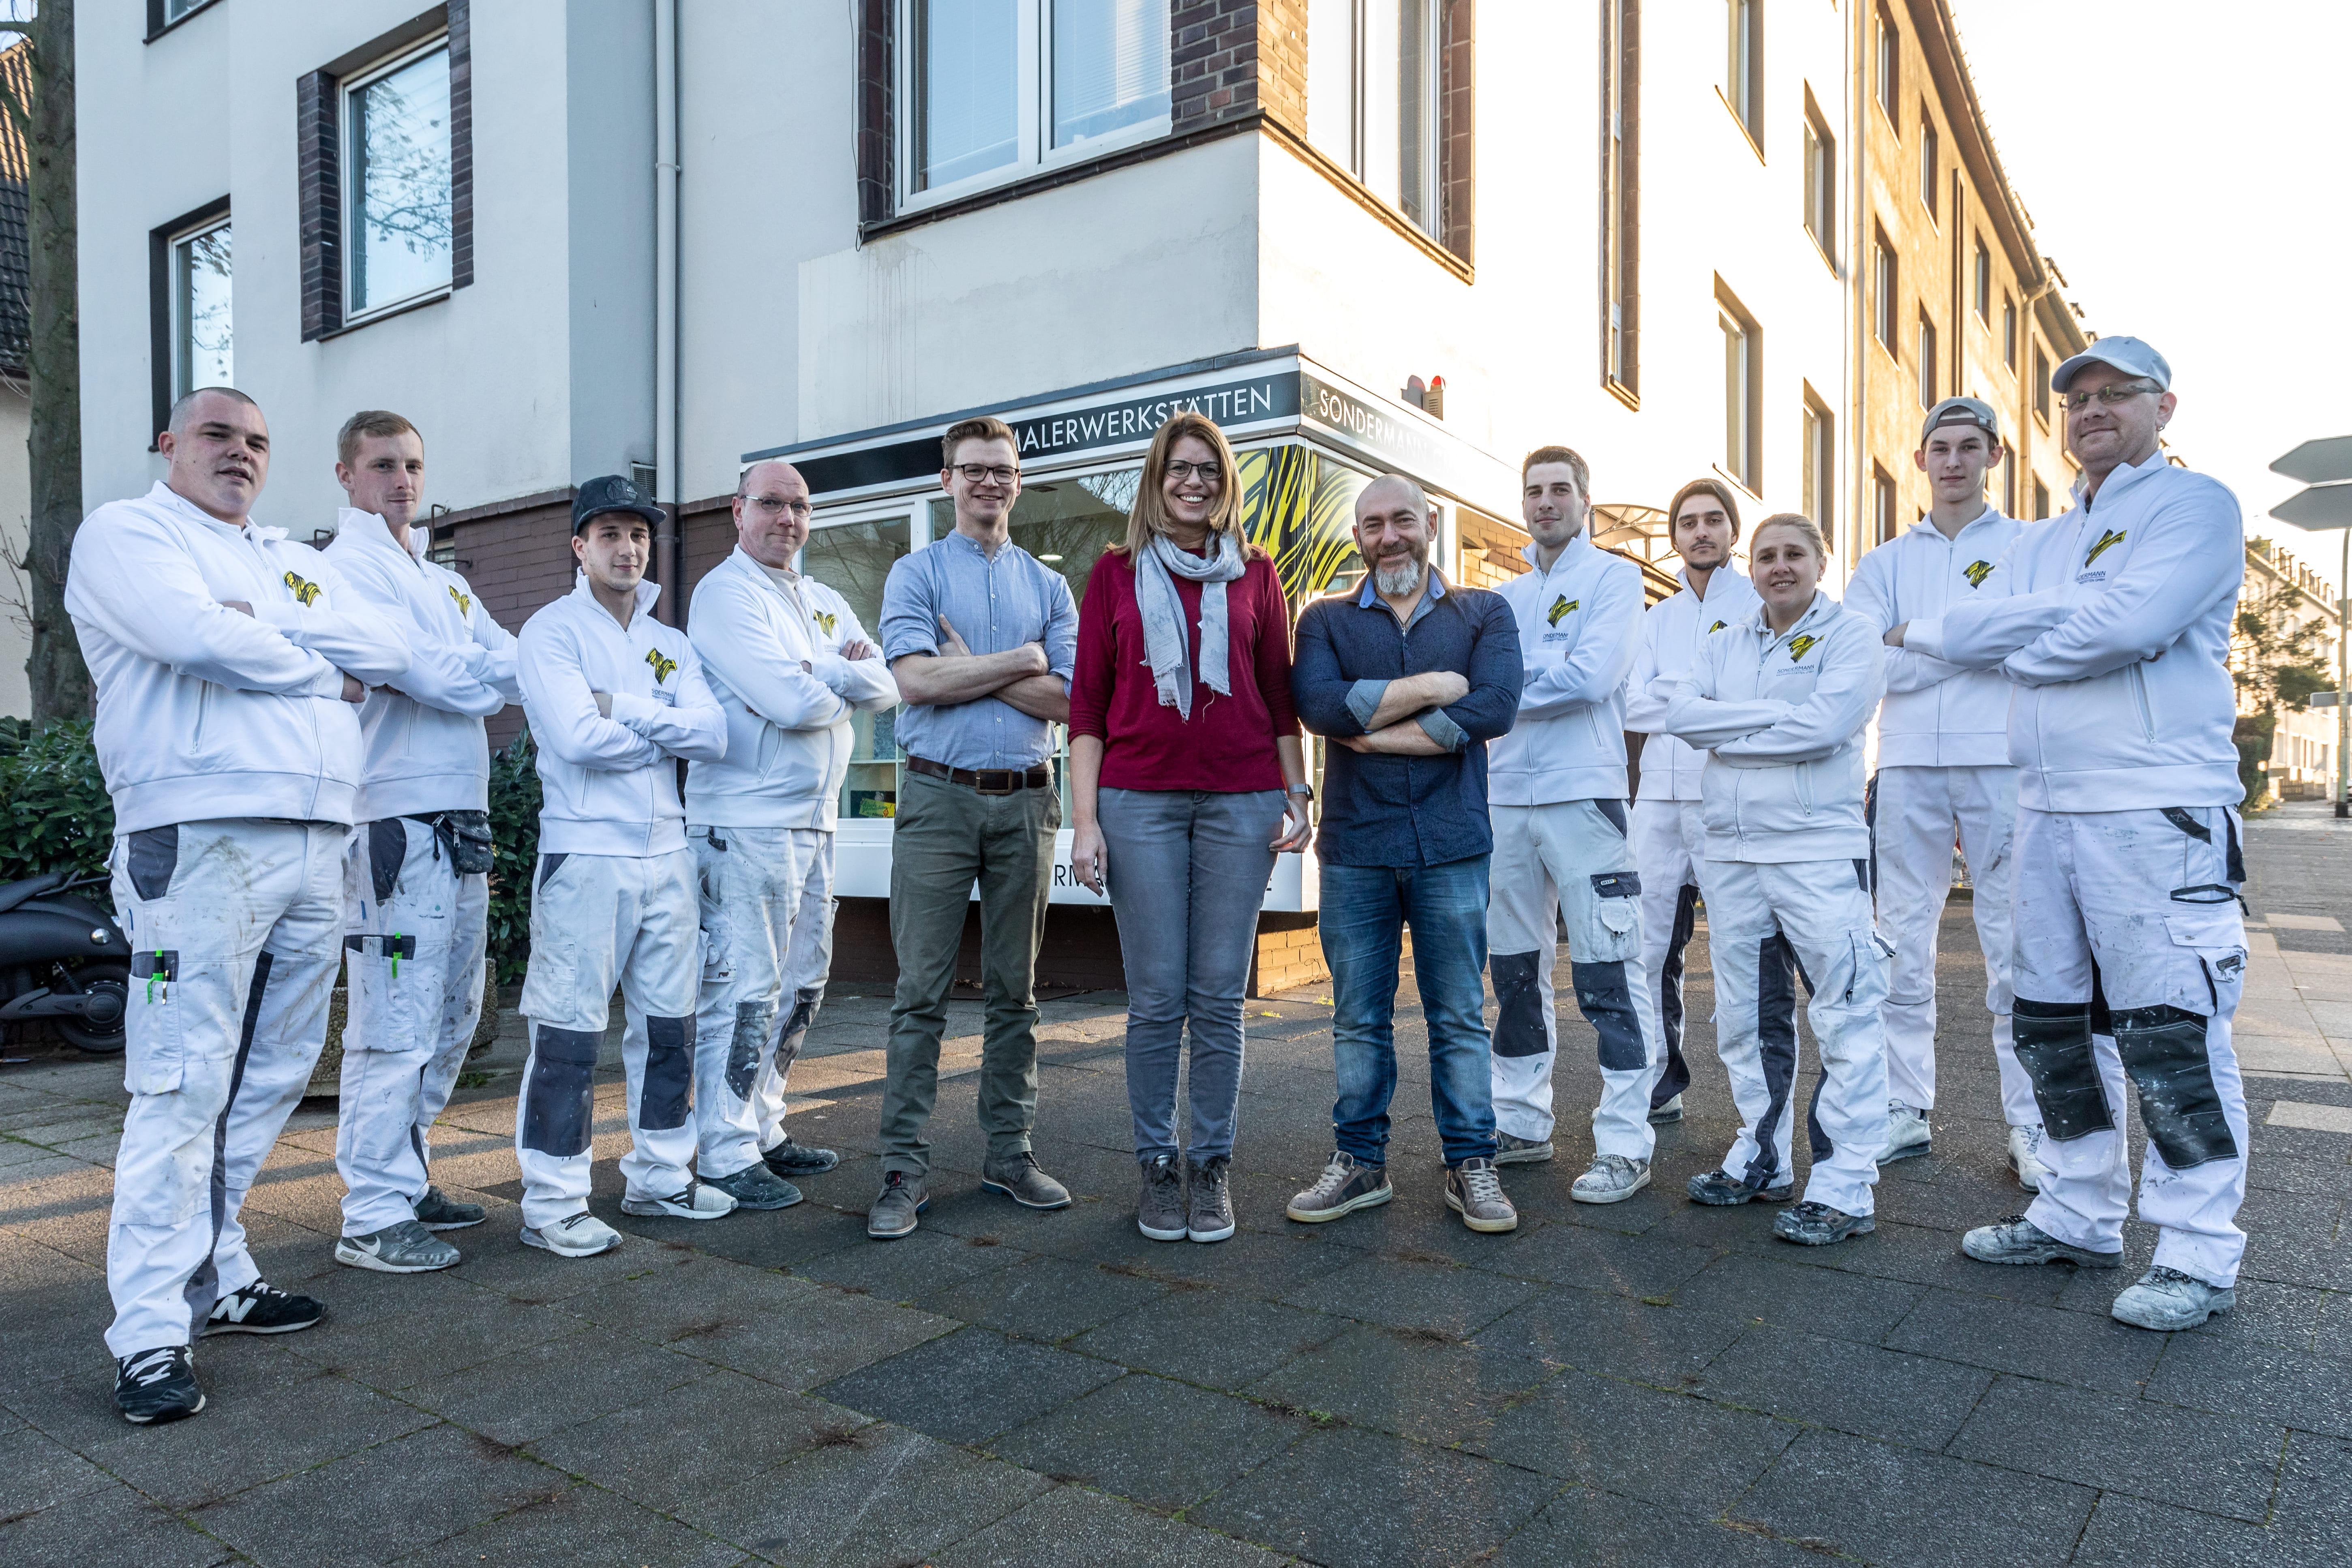 Sondermann Malerwerkstätten GmbH